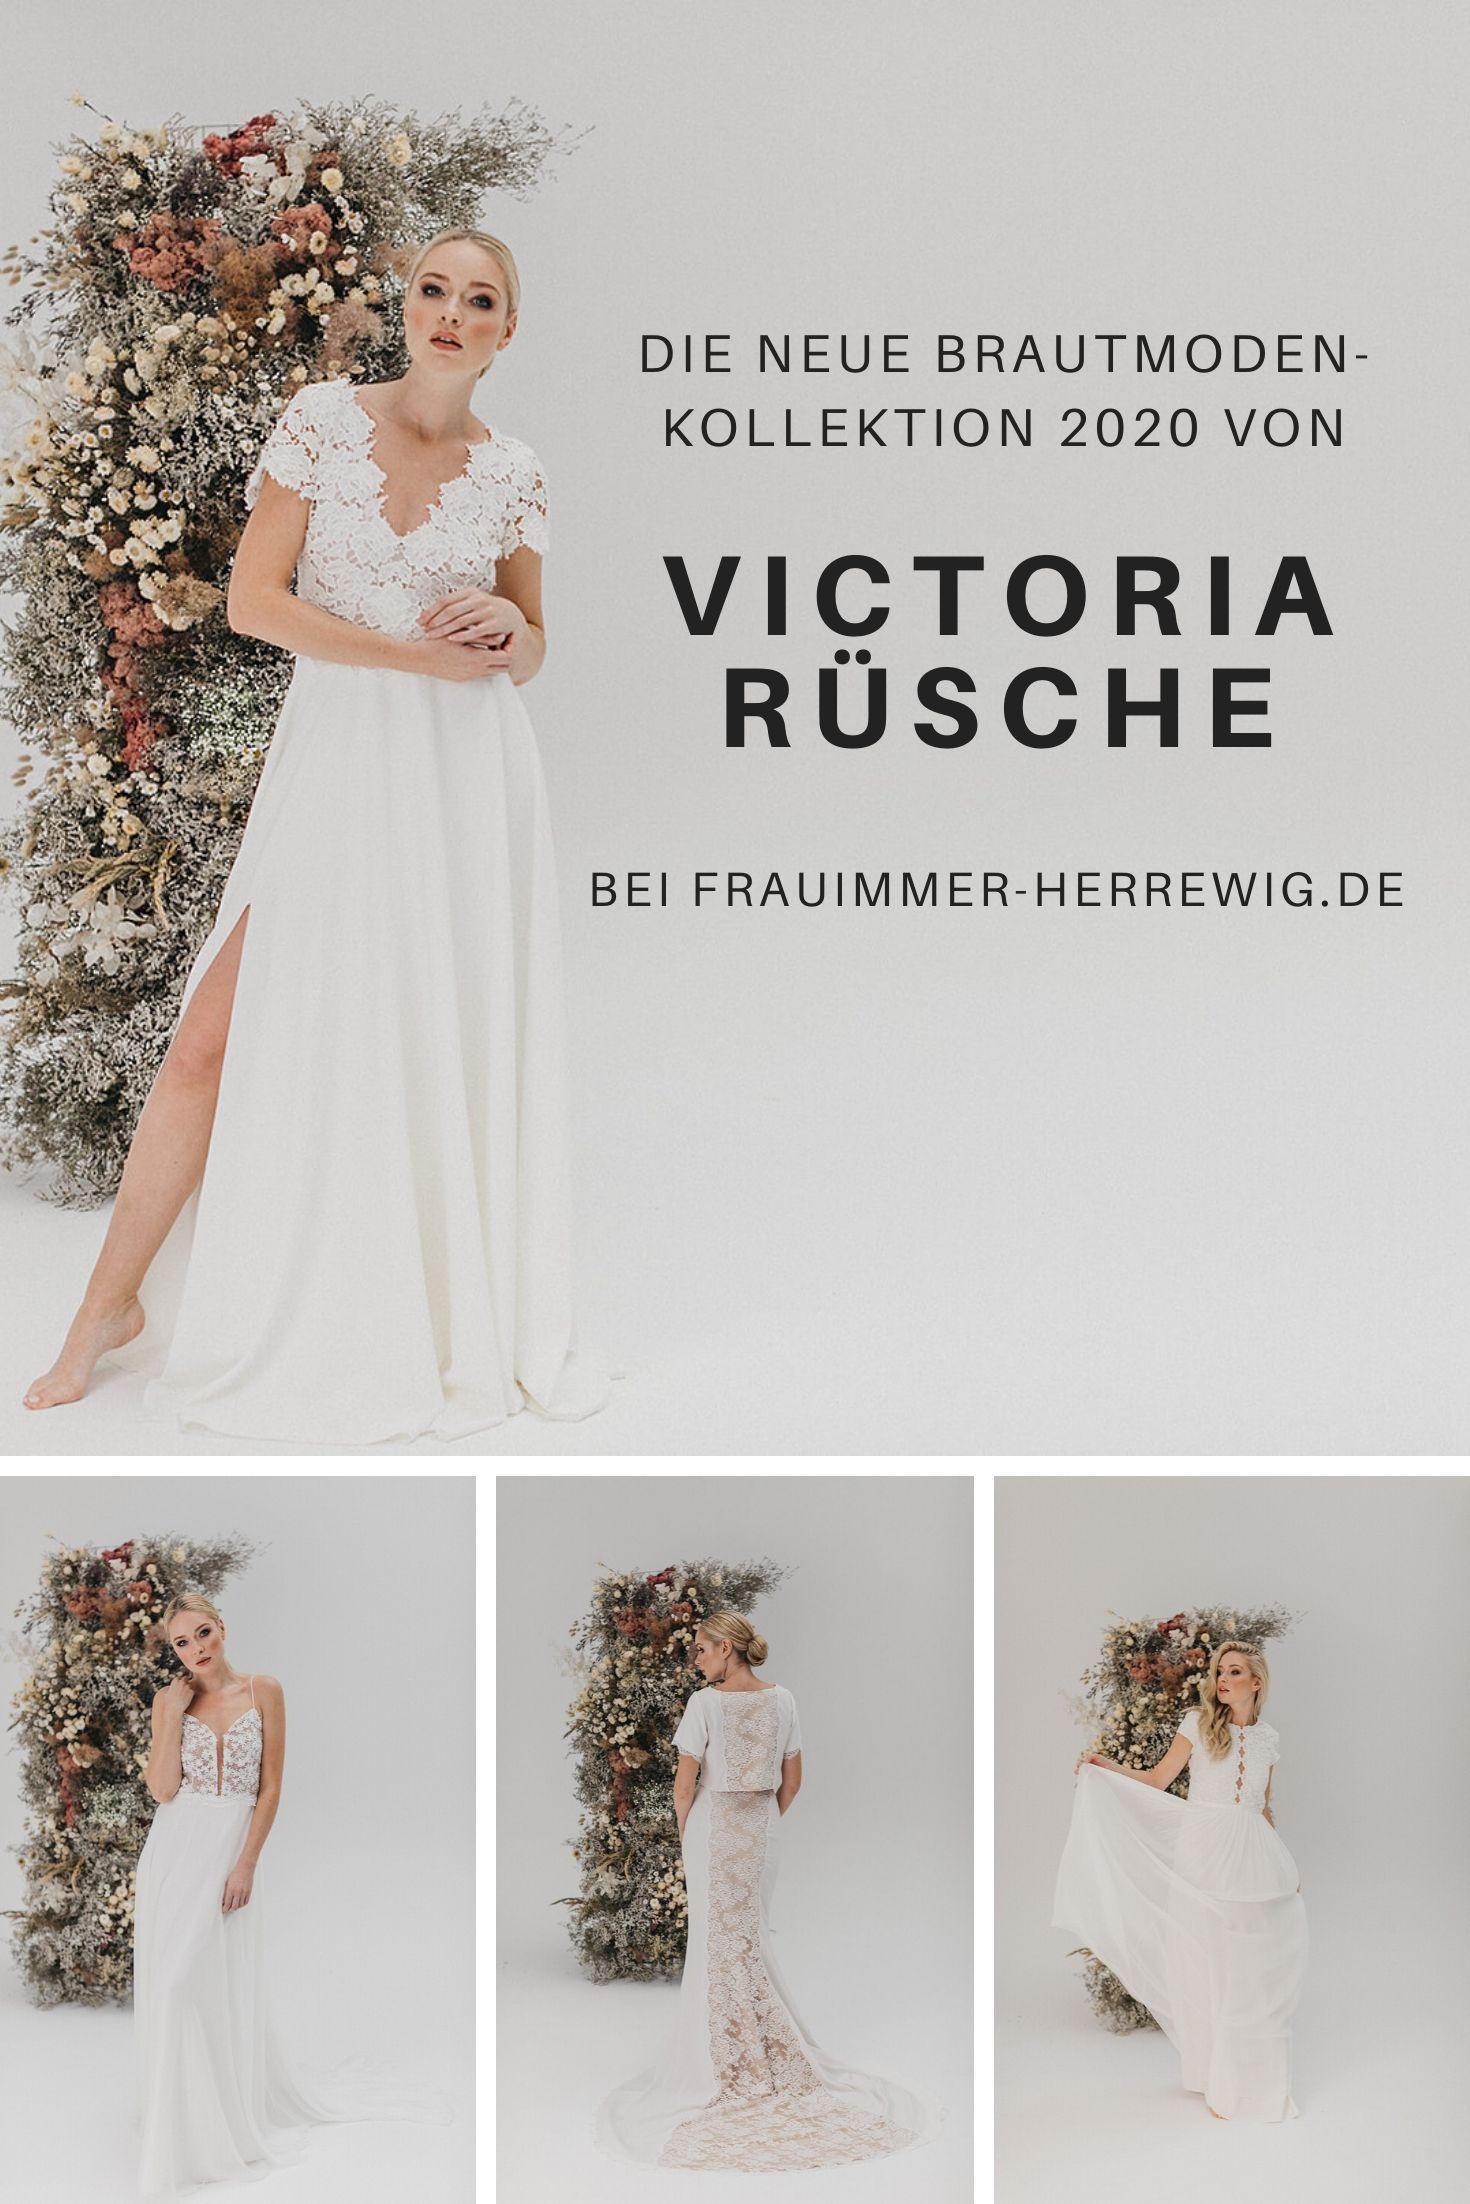 Brautmoden kollektion victoria ruesche – gesehen bei frauimmer-herrewig.de